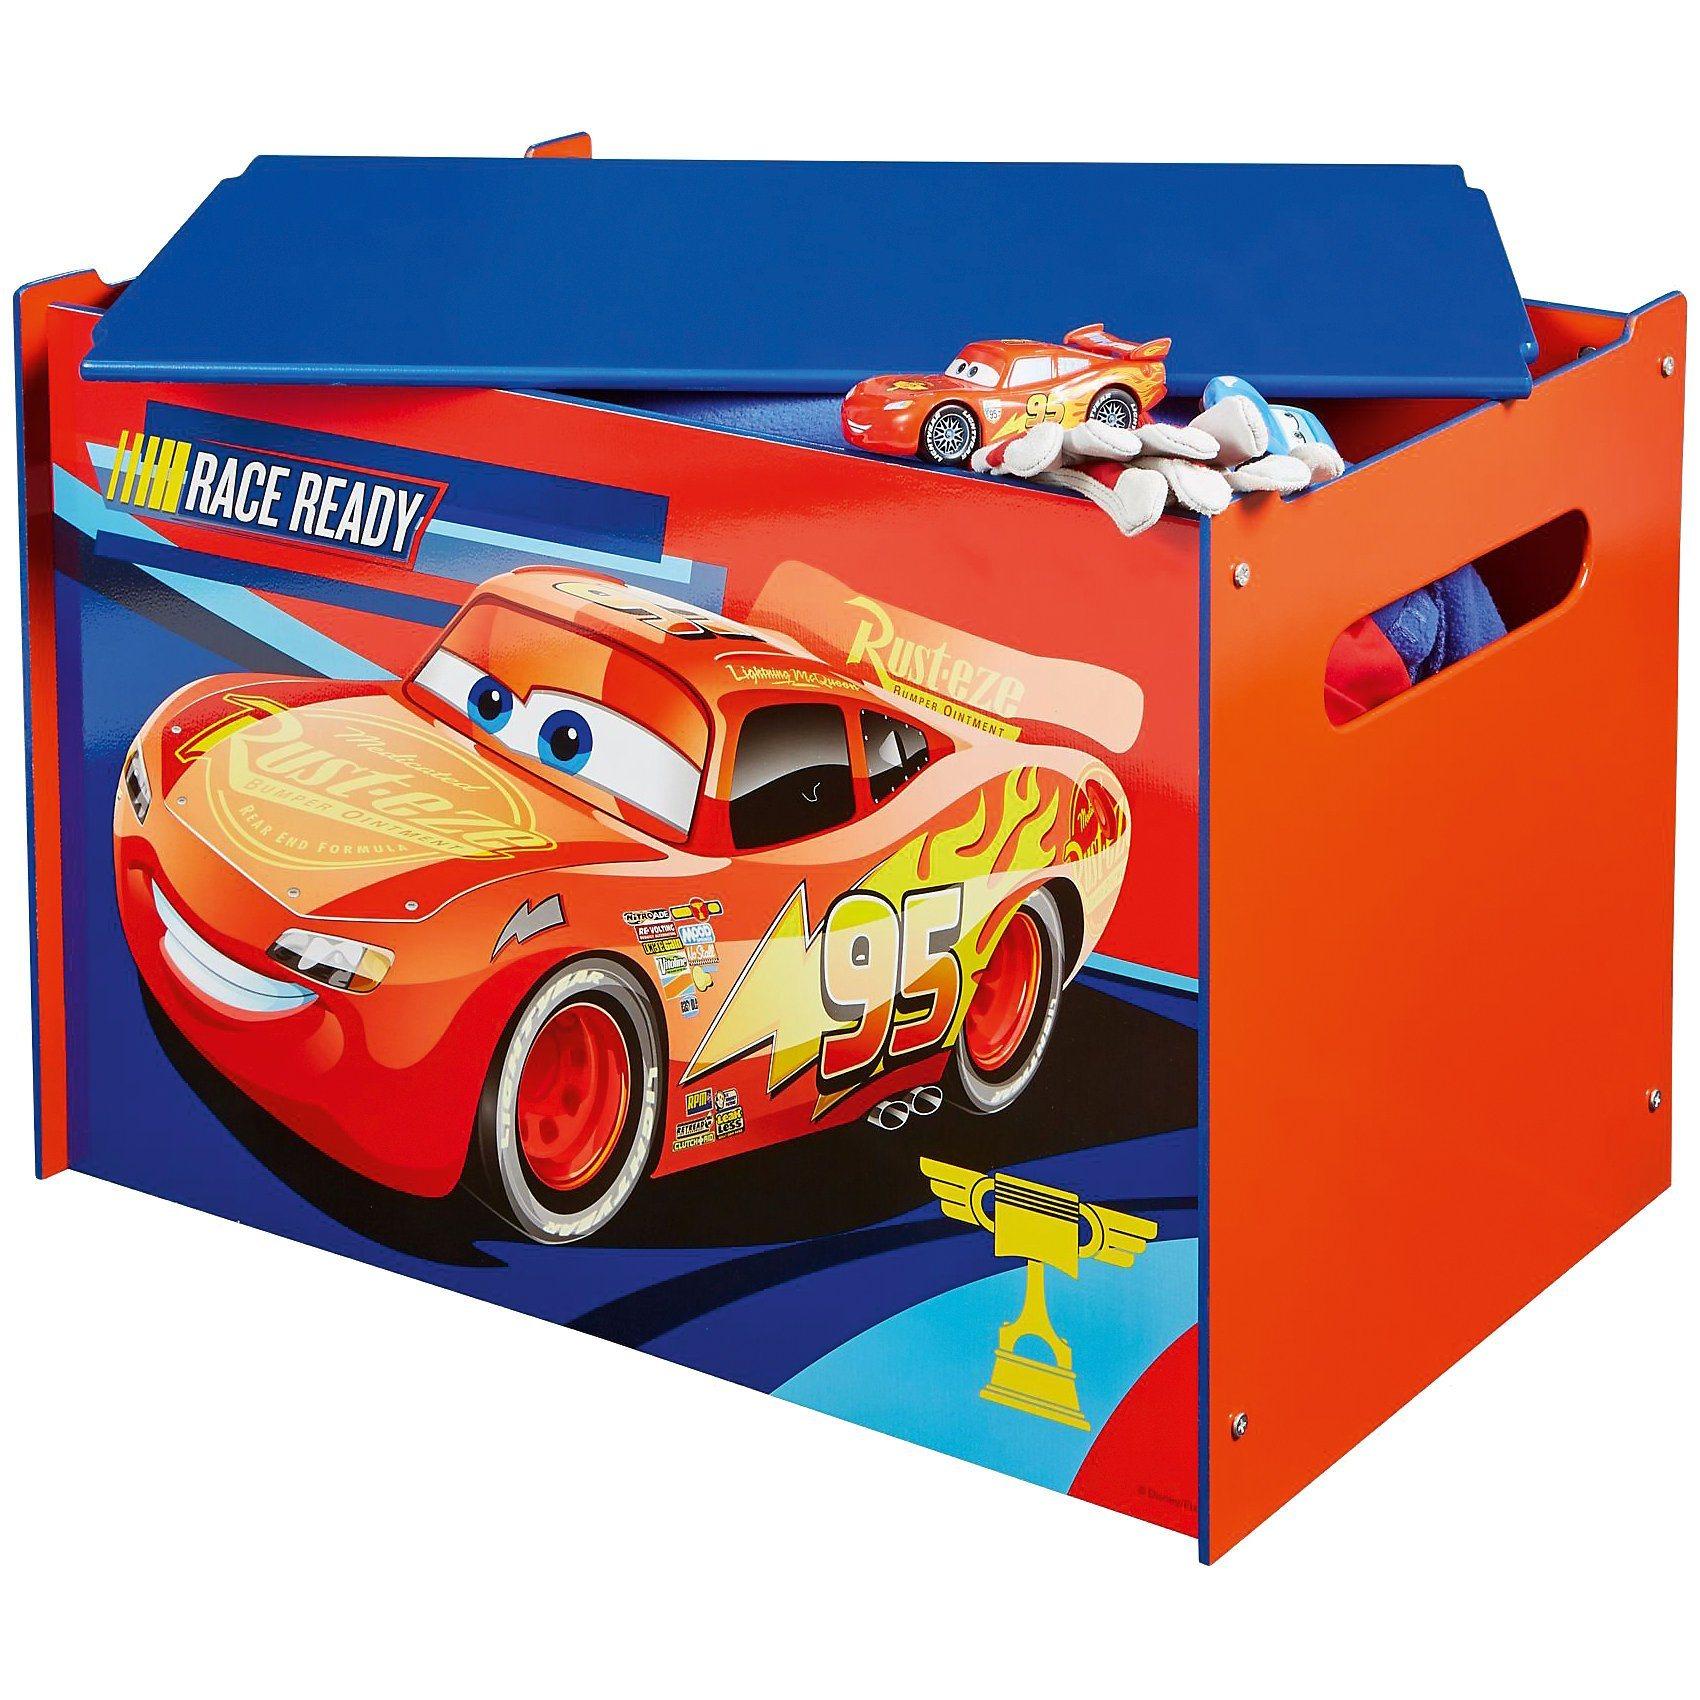 Spielzeug Truhe, Cars 3